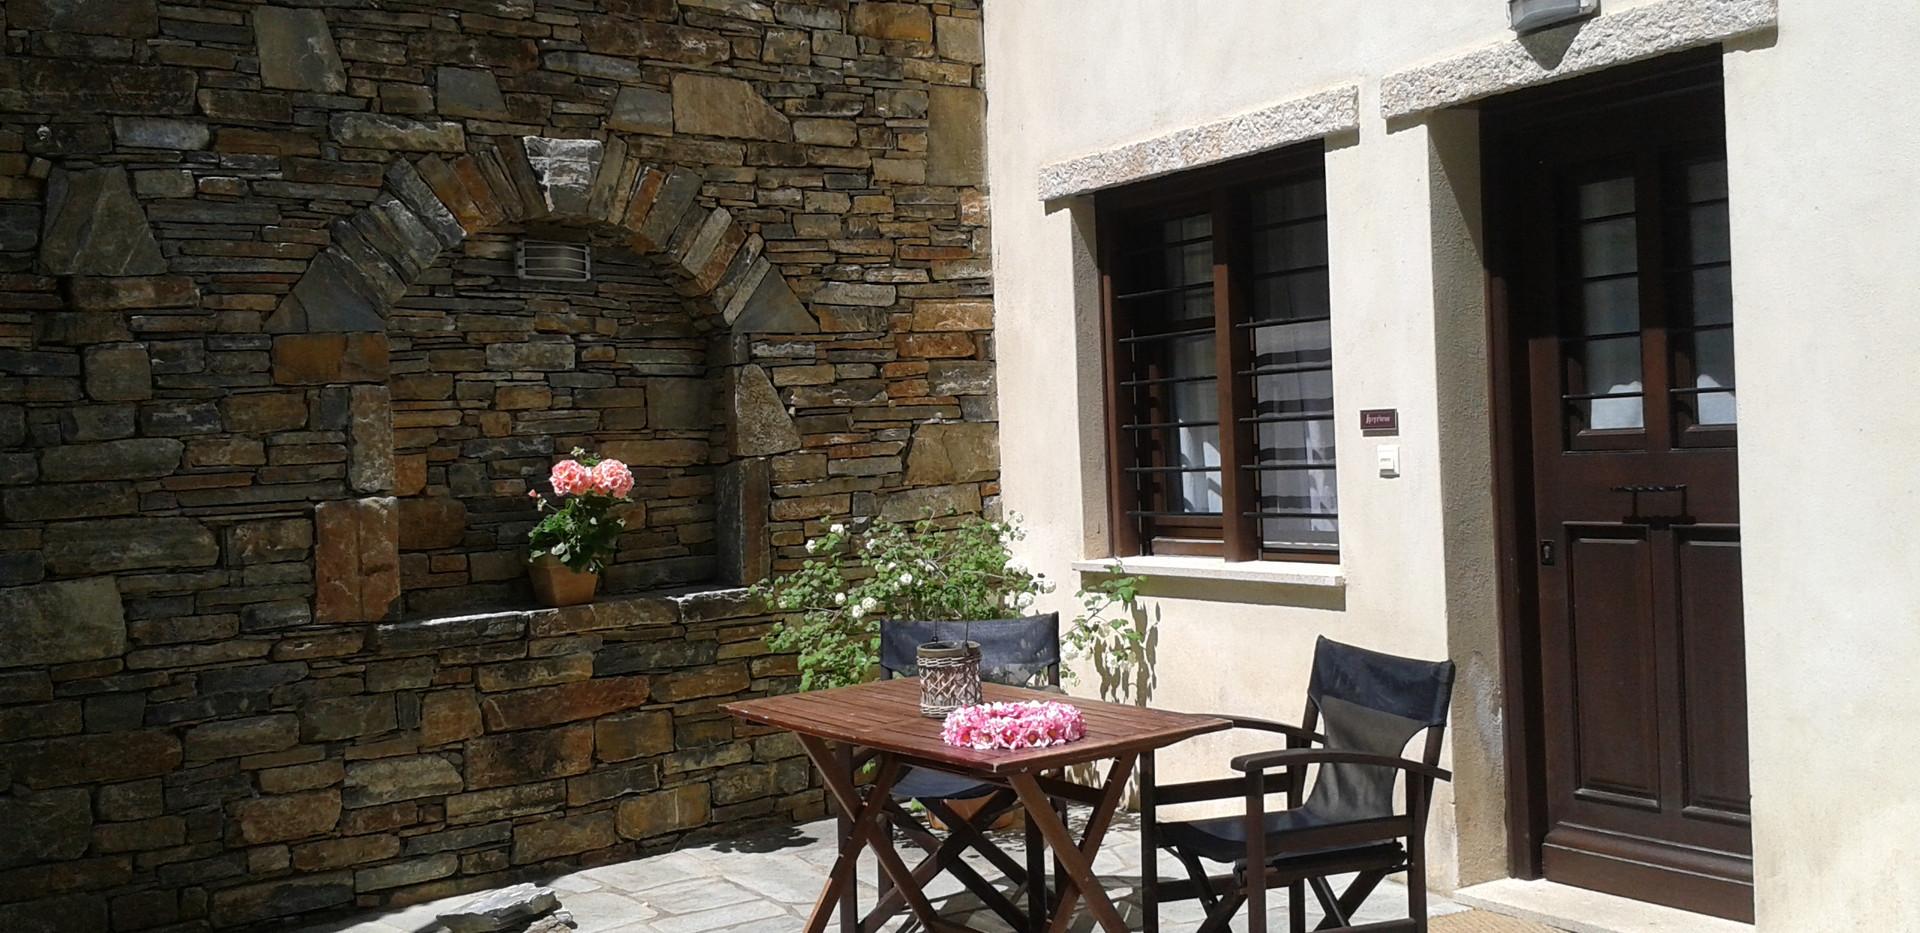 Ifigenia balcony 2.jpg